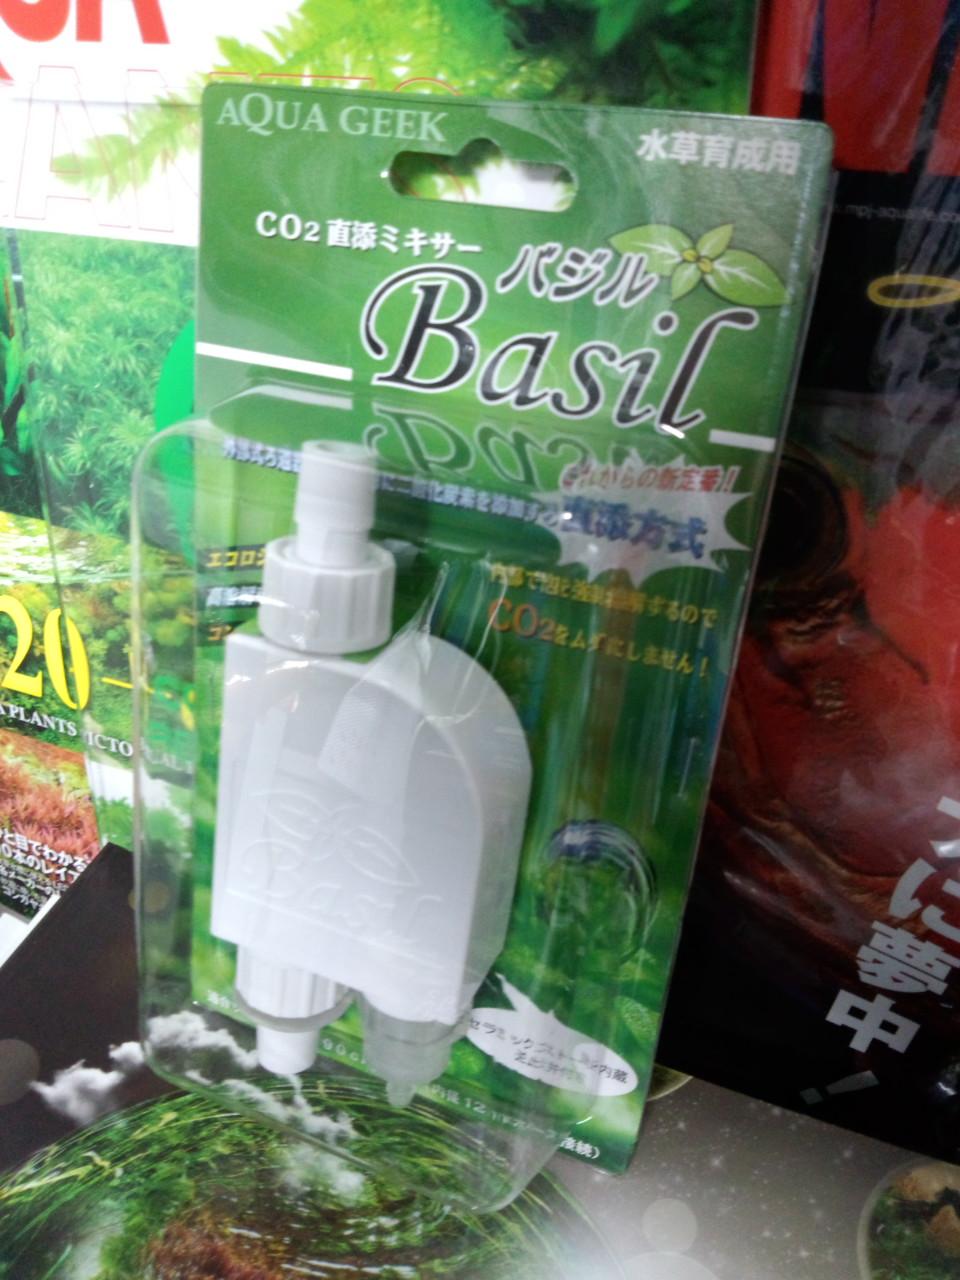 アクアギーク製CO2関連商品取り扱い始めました!_b0141806_1531678.jpg